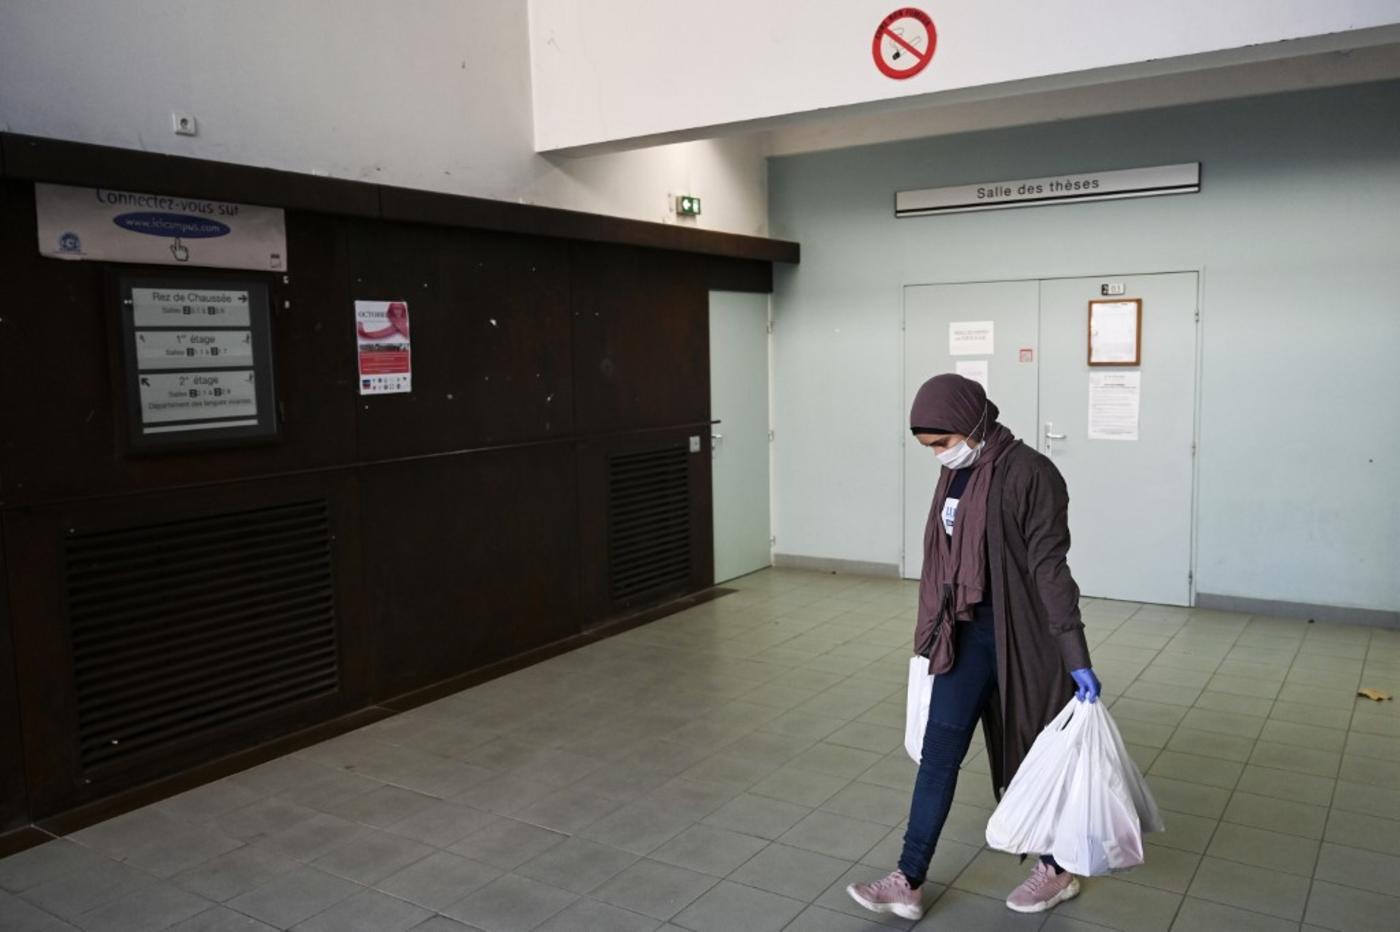 Une étudiante bénévole porte des sacs d'aide alimentaire sur un campus universitaire, le 17 novembre 2020 (AFP)